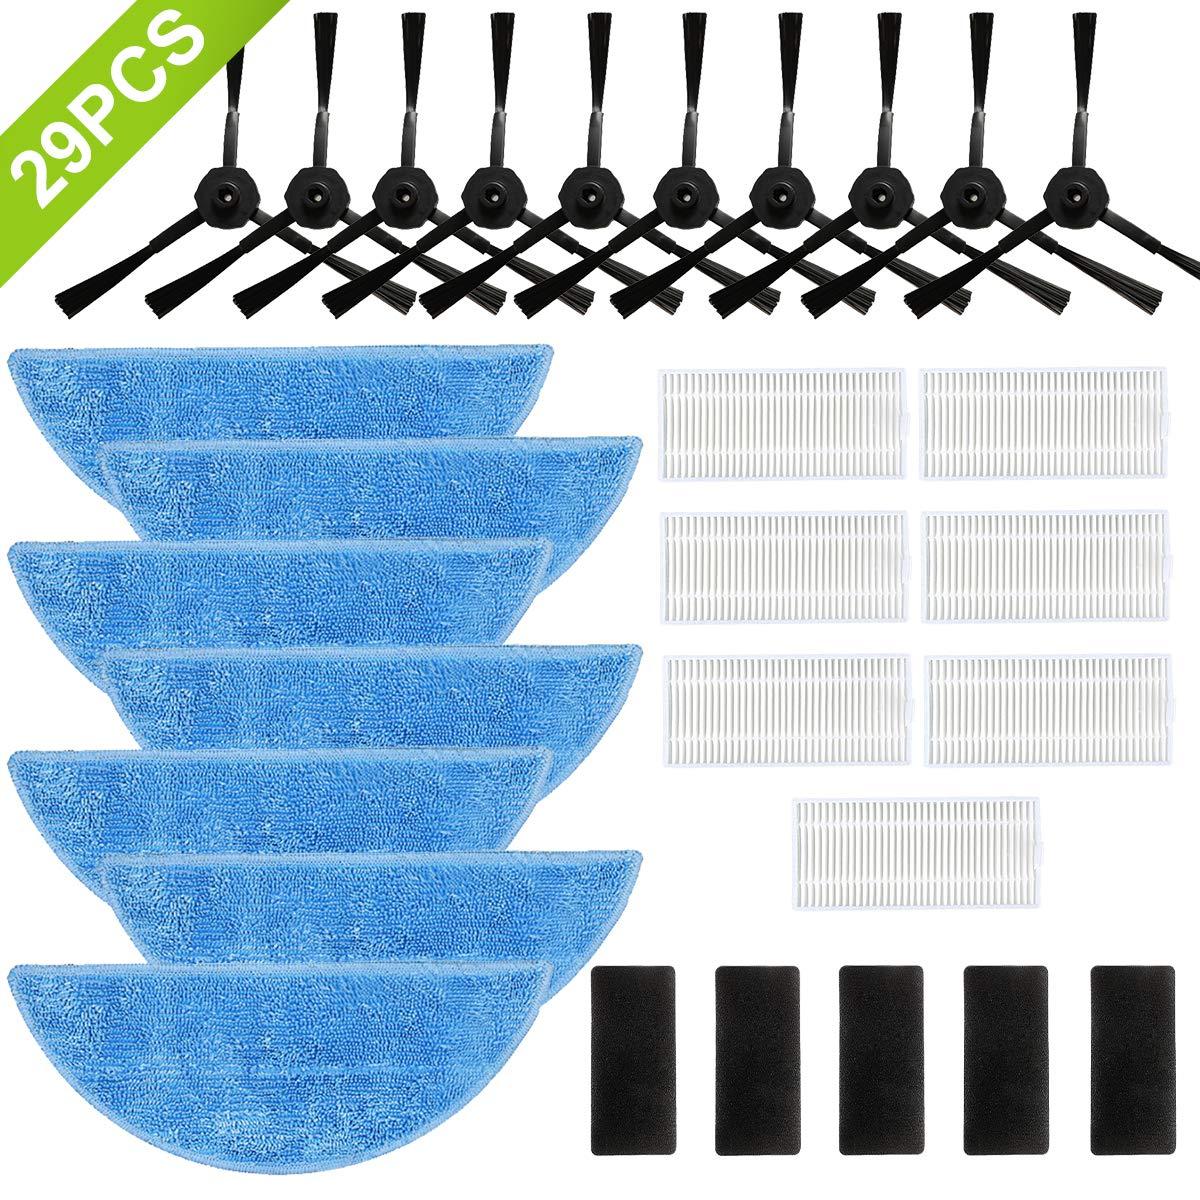 SAFETYON Accesorios para Robot Aspirador ILIFE V3 V5 V5S V5S Pro (29 Piezas) - 10 Cepillo Lateral + 7 Filtro HEPA + 7 Mop + 5 Velcro: Amazon.es: Hogar